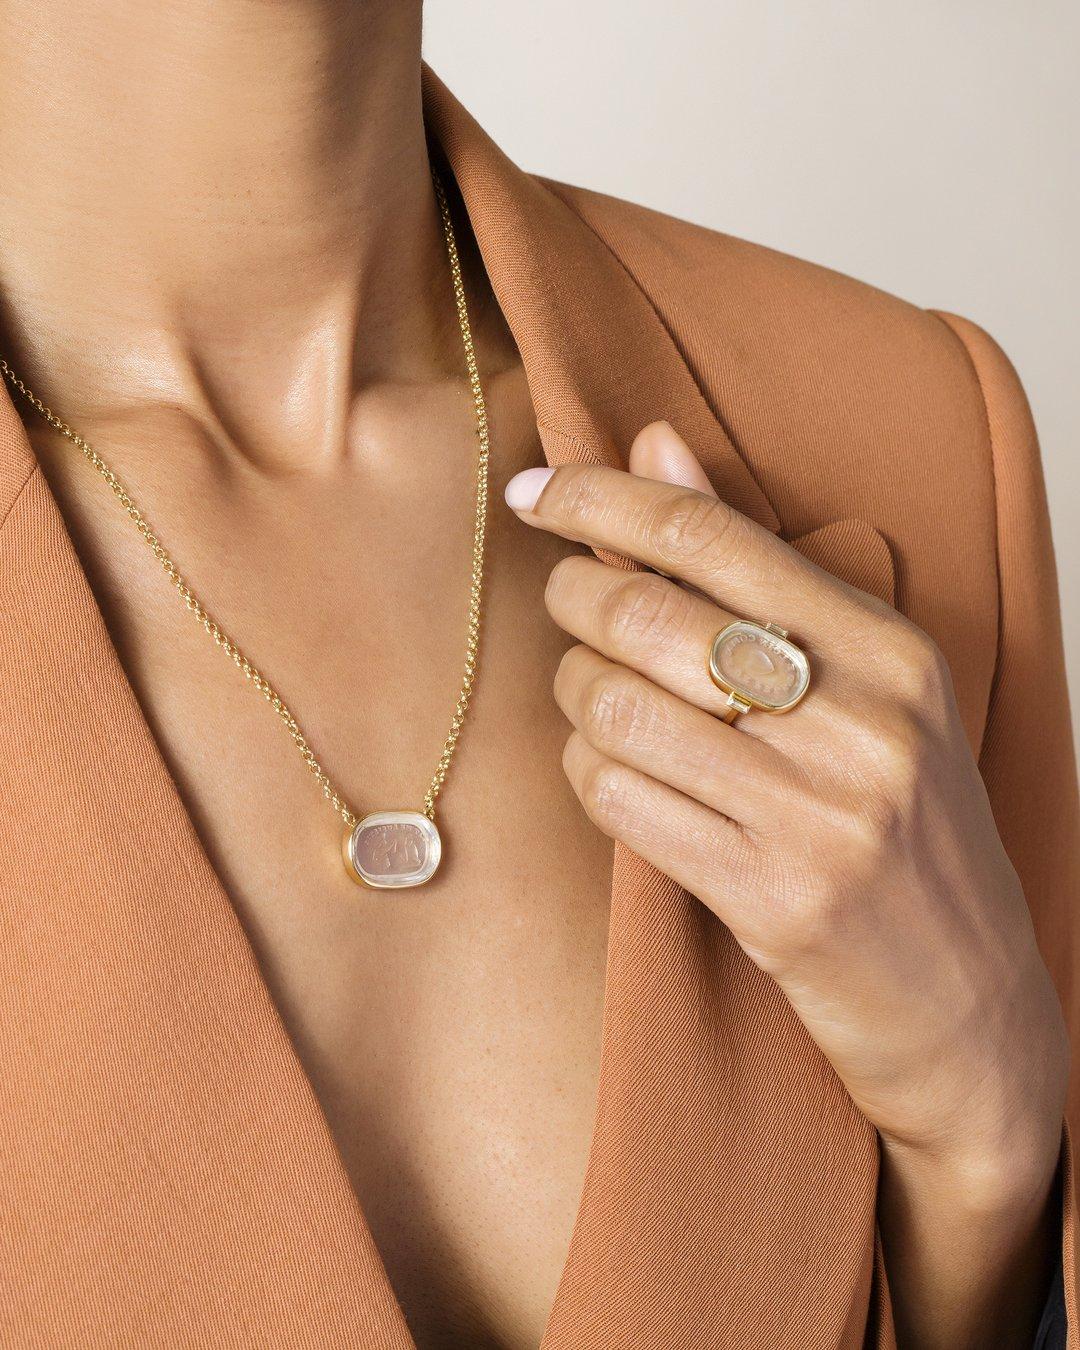 Eternity Intaglio Seal Necklace.